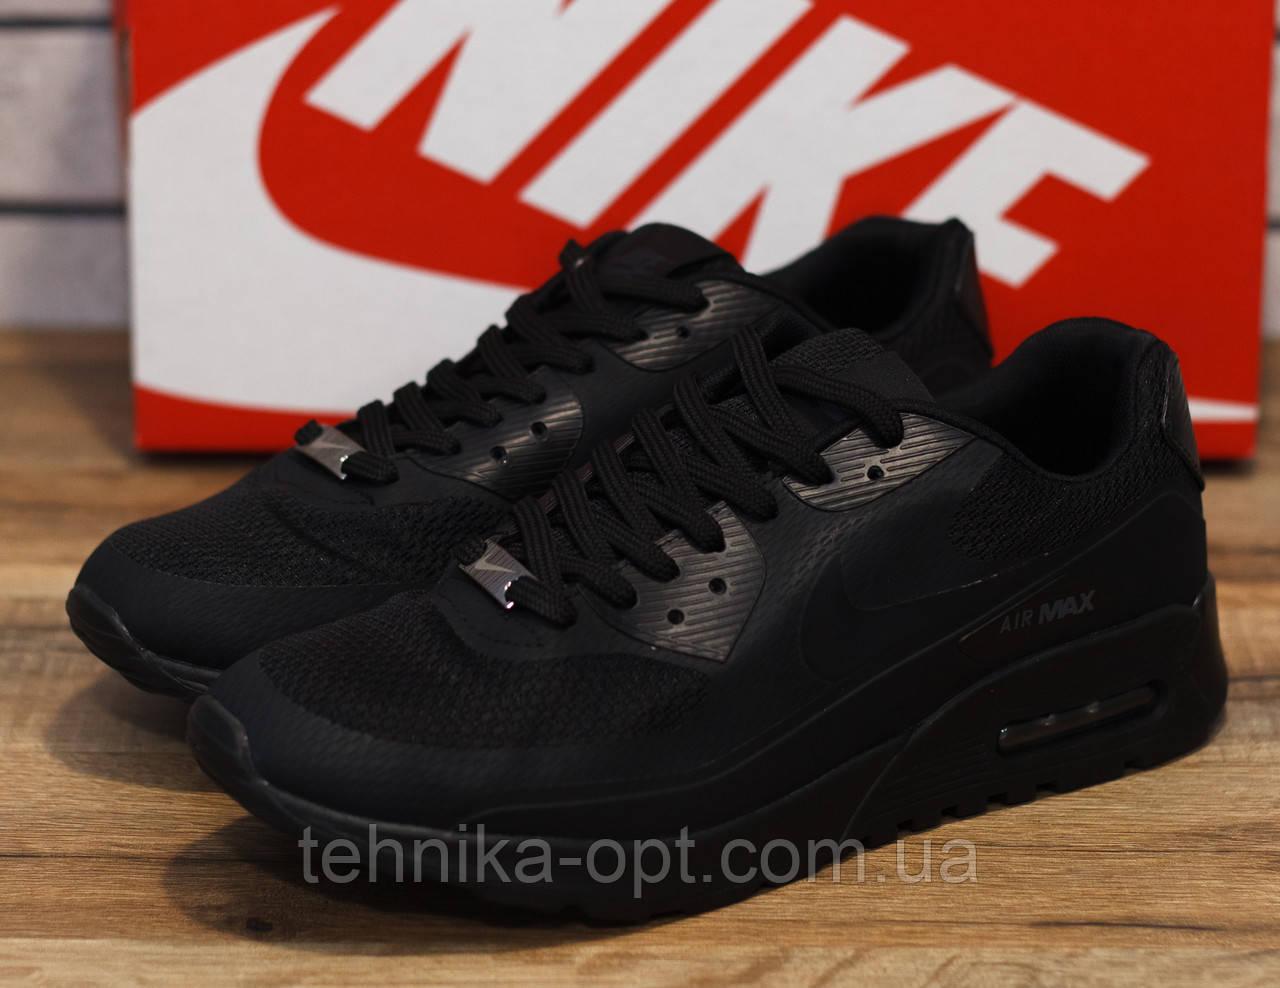 Кроссовки мужские Nike Air Max 10594 найк аир макс Реплика 0f531d36a0138